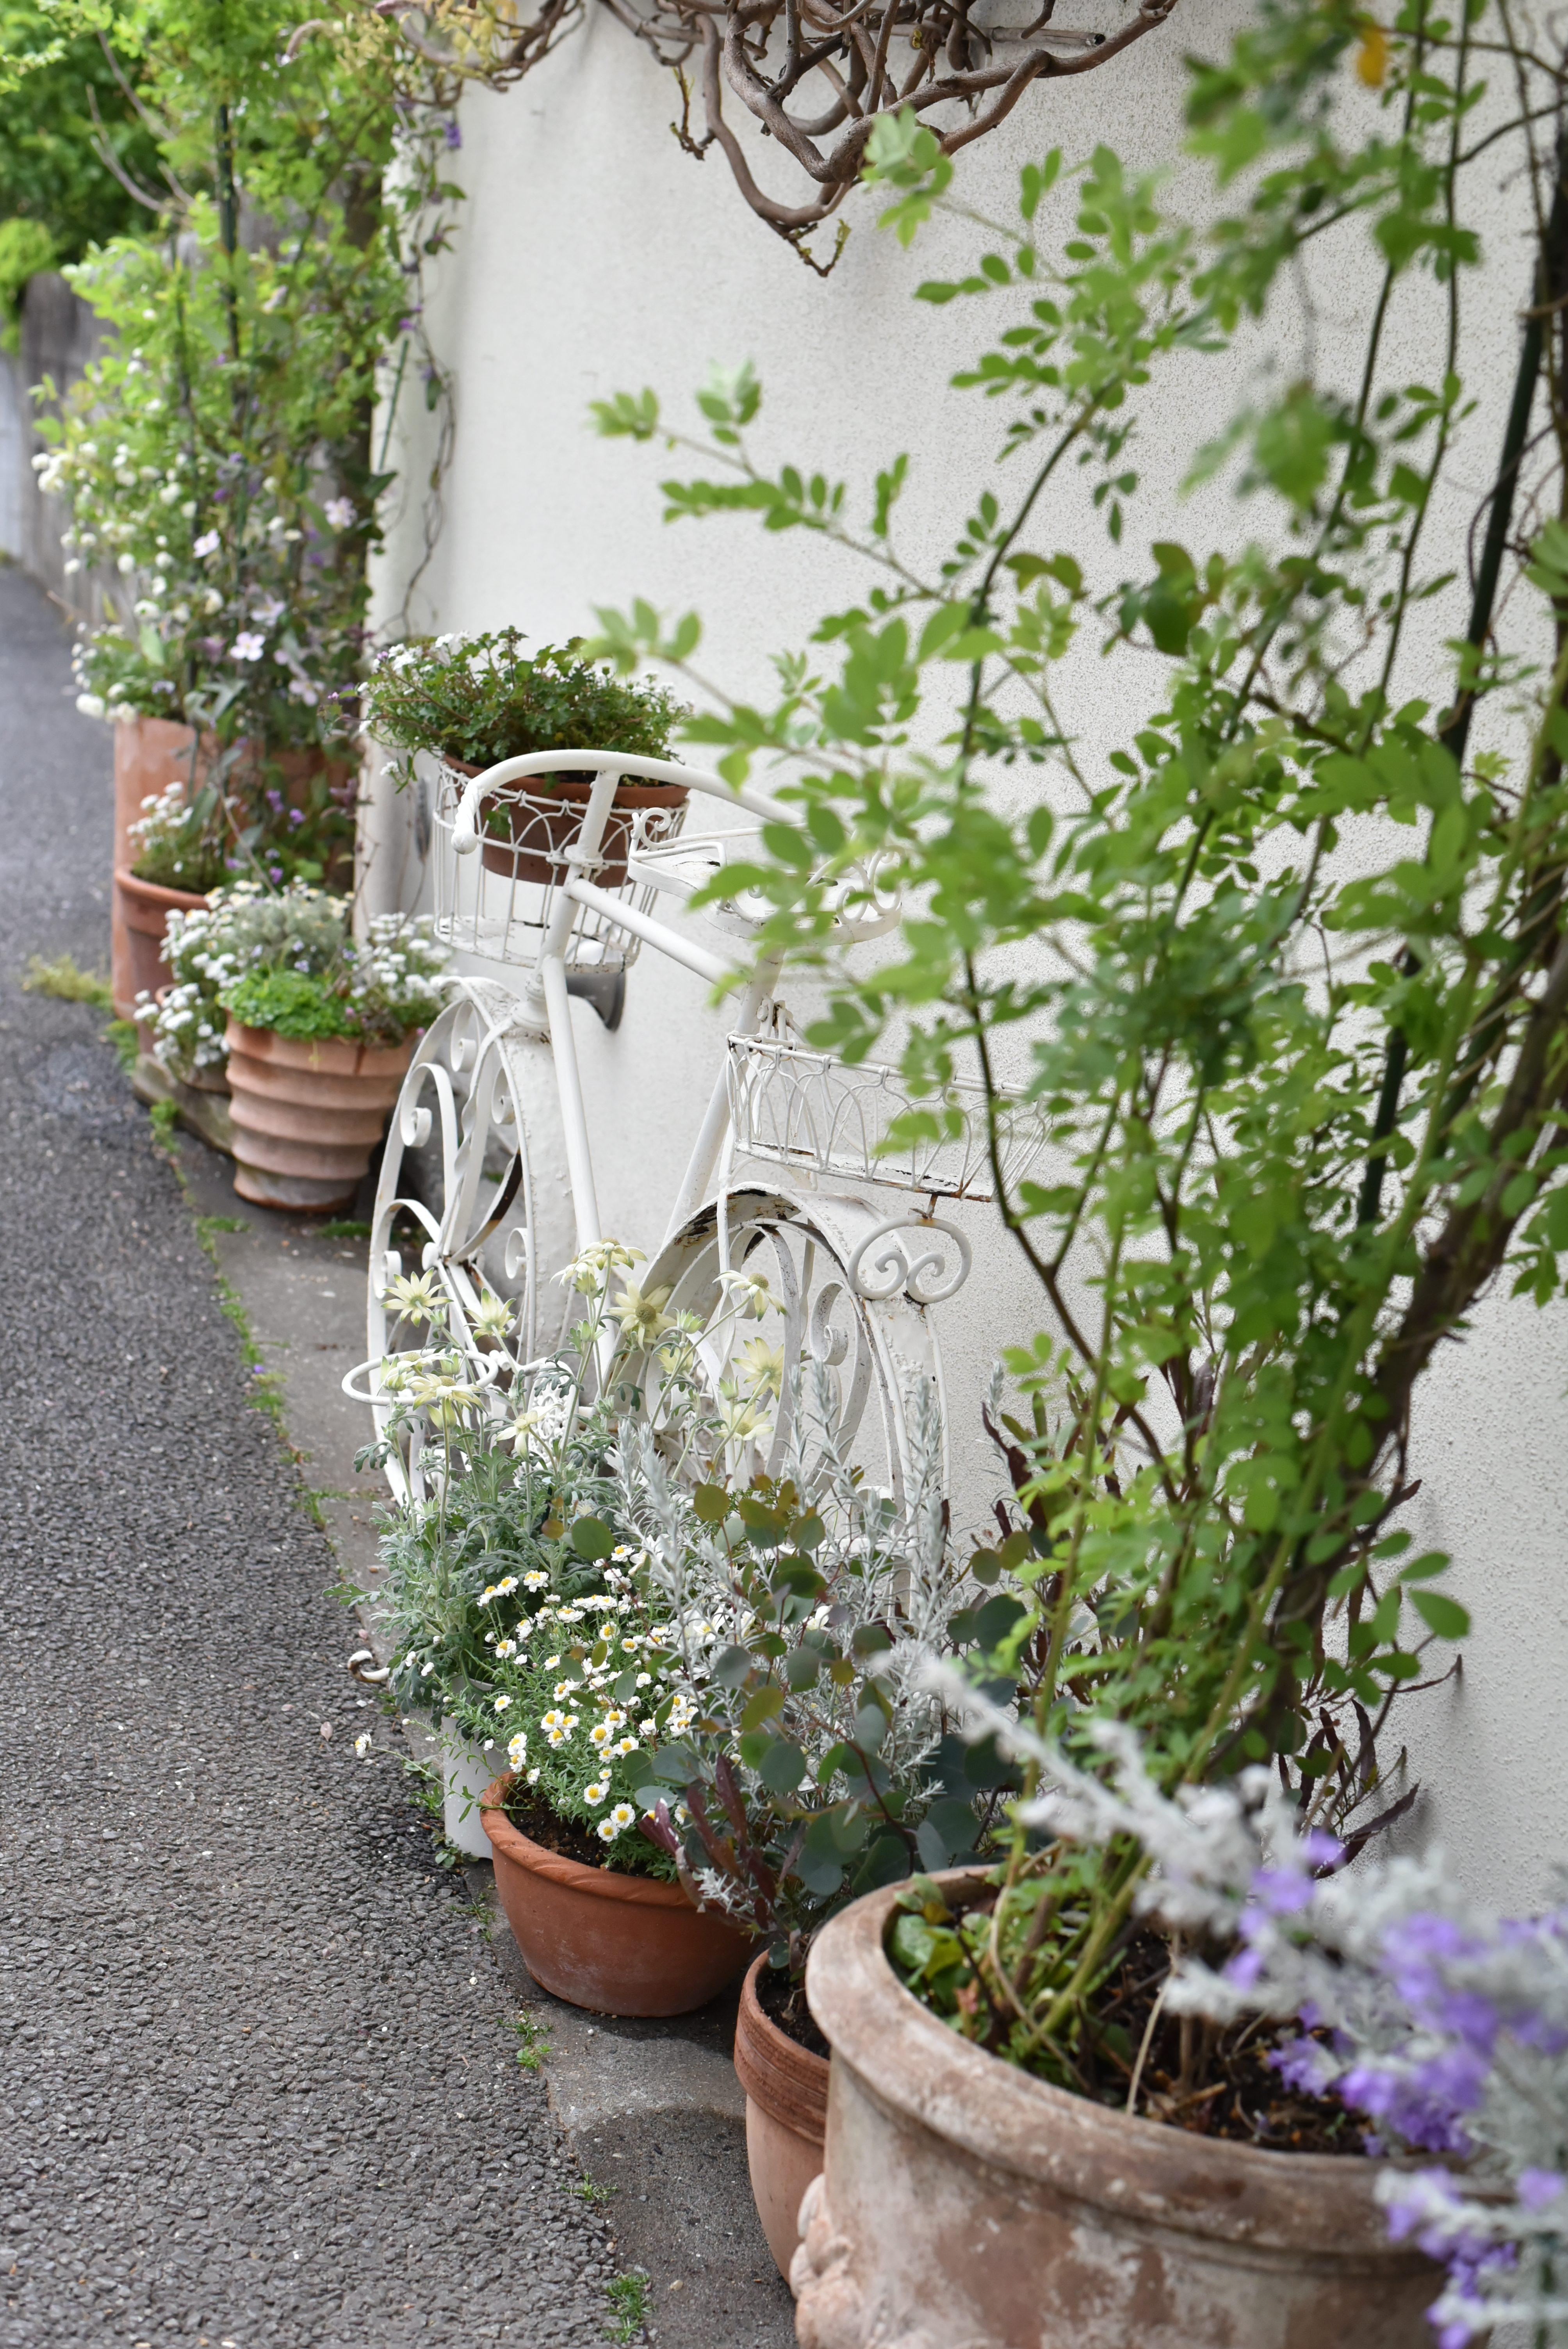 フラコッタ デコの店の入り口で咲き乱れる「藤」の花。今年の状態は?